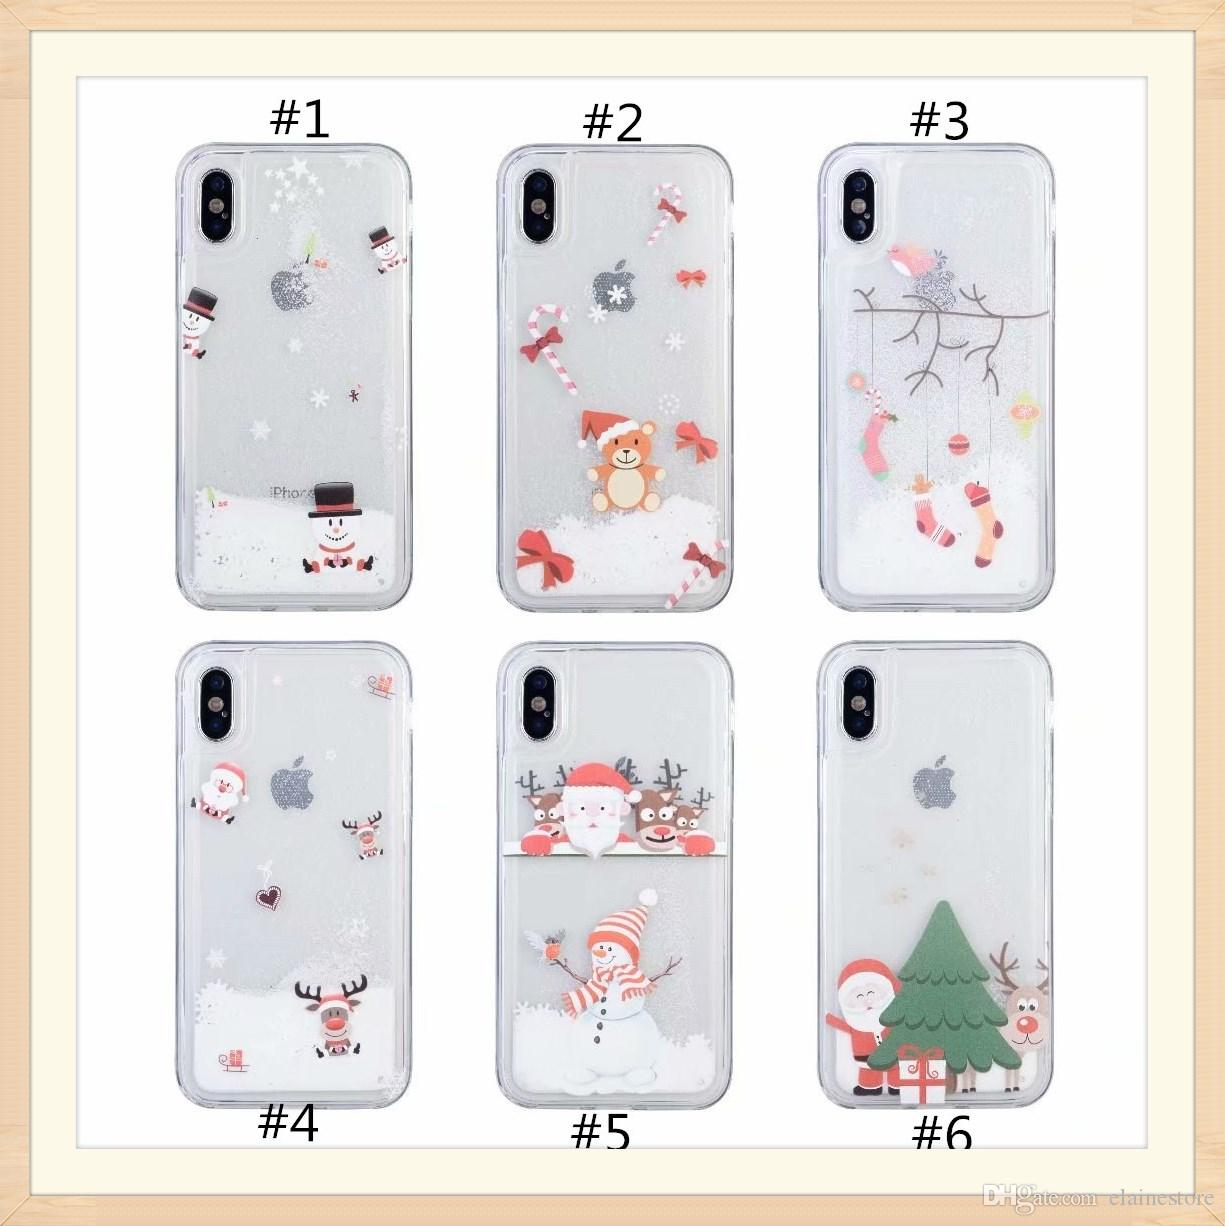 6dba1d980f9 Fundas Movil Baratas Caja Del Teléfono Para El Iphone X XR XS XSMax Navidad  Copo De Nieve Brillo Arenas Movedizas TPU Estuche Blando Para Iphone 6 6S 7  8 ...